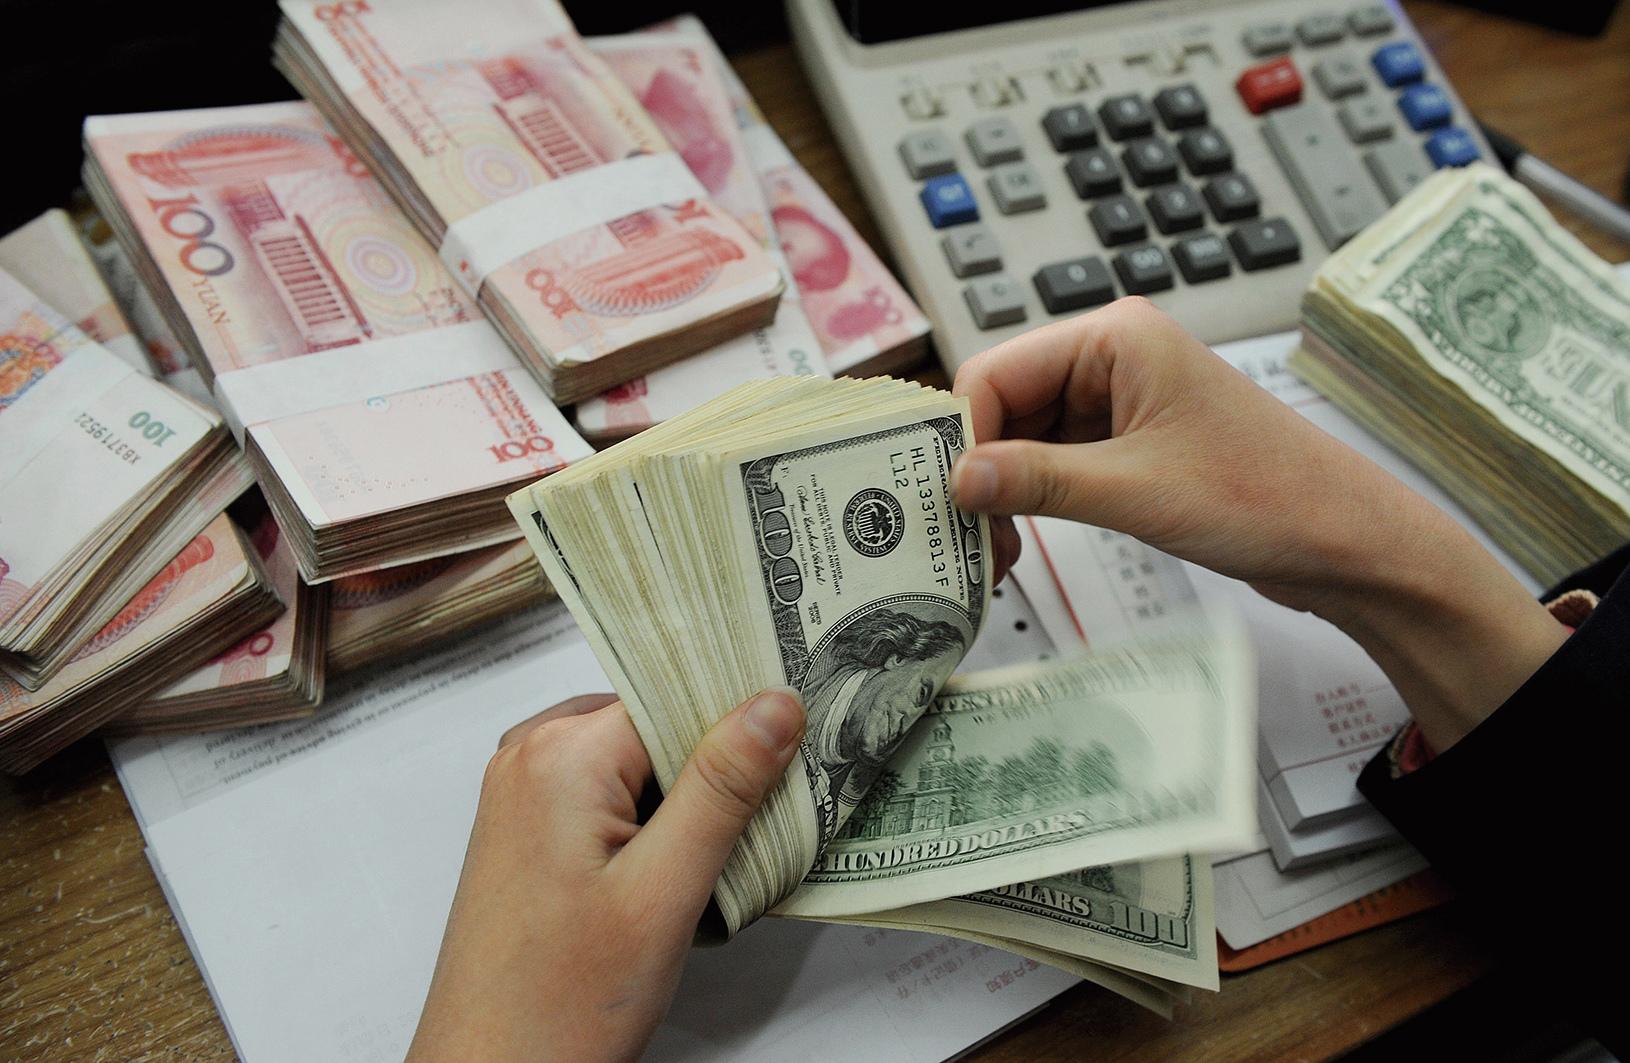 有國際投行日前對人民幣今年的表現小結後表示,人民幣今年表現為22年來最差。而人民幣貶值捲土重來給市場敲響了警鐘。(Getty Images)